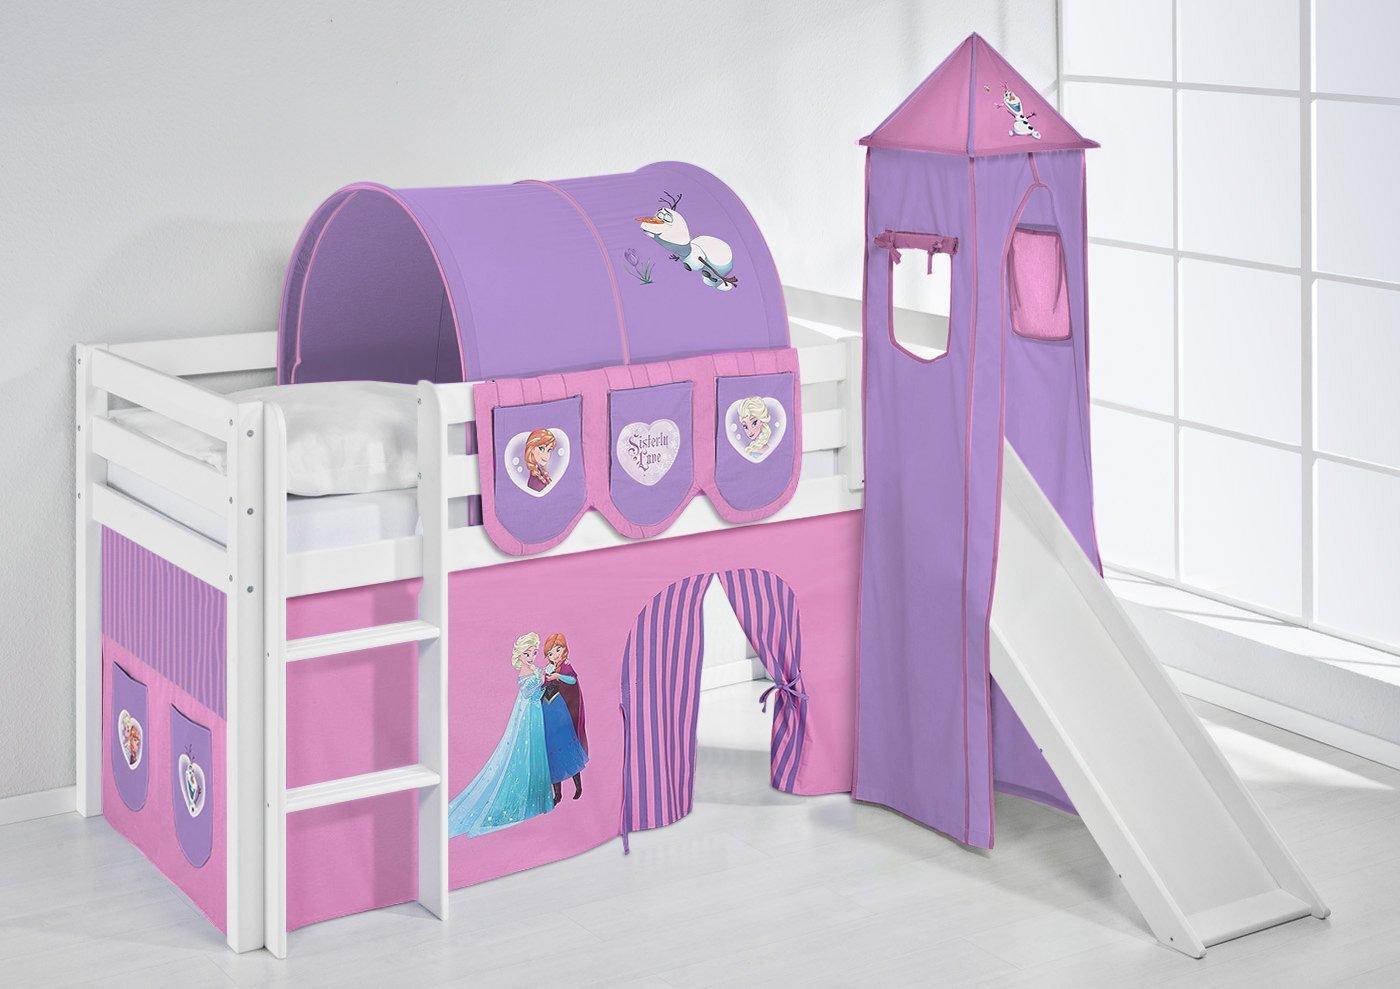 Etagenbett Vorhang Set Mädchen : Hochbett mit vorhang cool set abbild